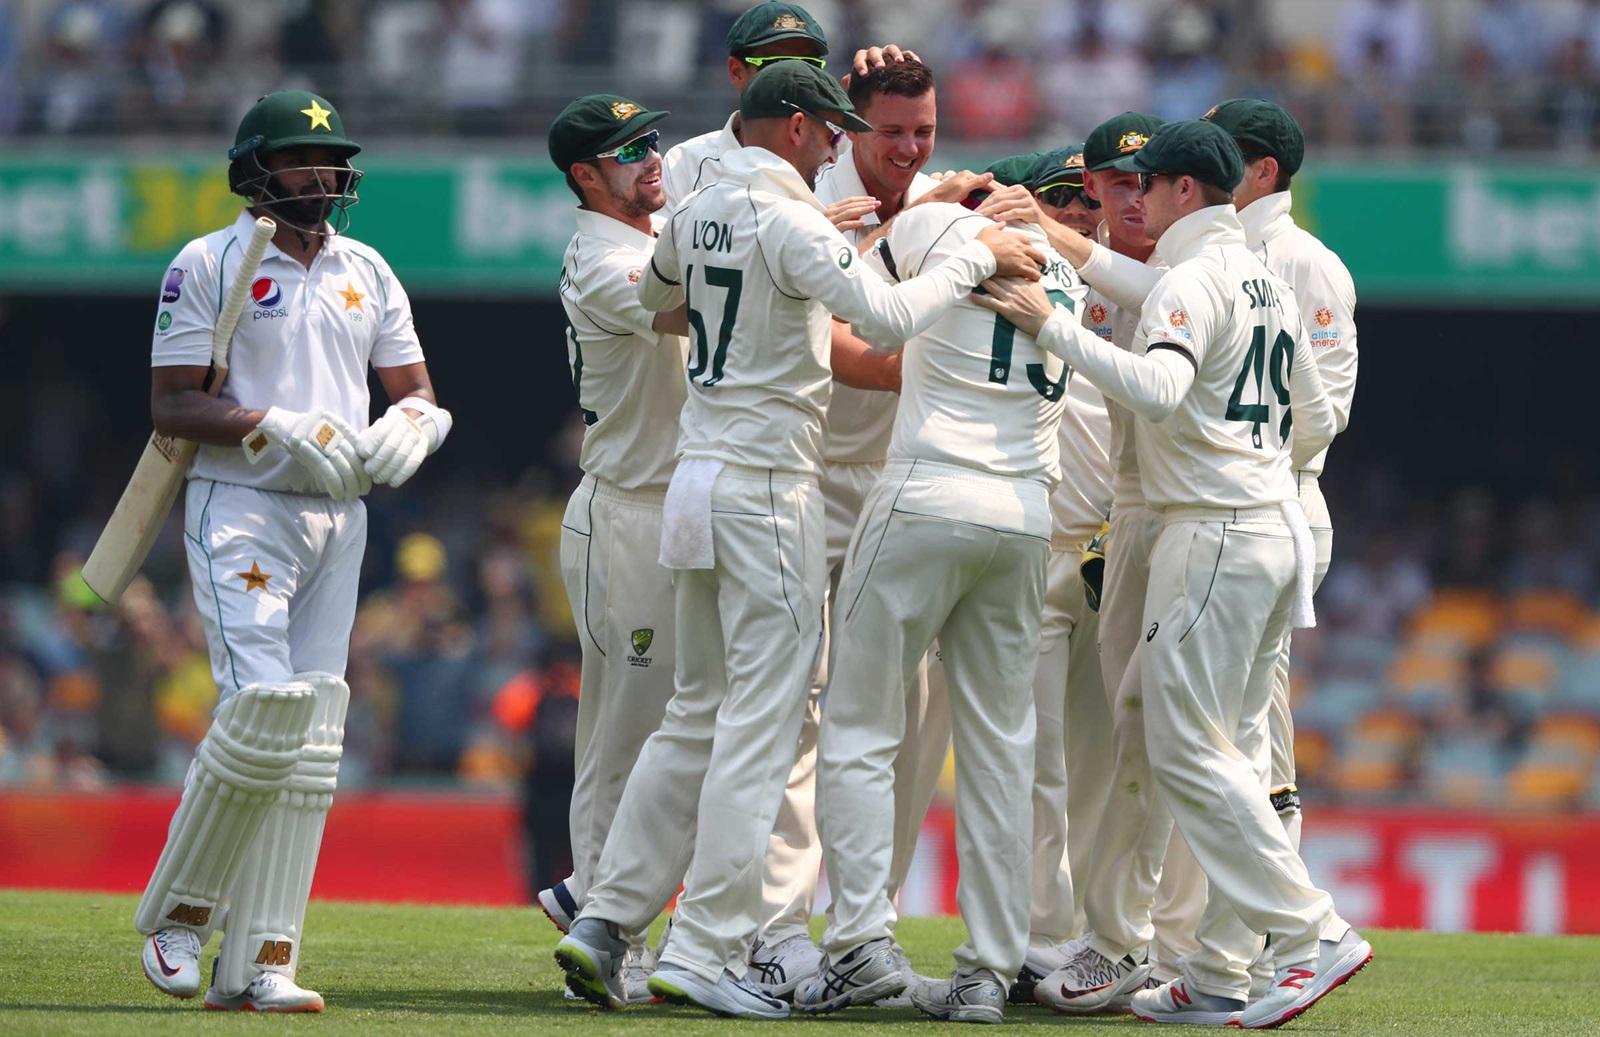 AUSvsPAK : मिचेल स्टार्क की शानदार गेंदबाजी के आगे पहले दिन पाकिस्तान की टीम 240 रन के स्कोर पर हुई आउट 1